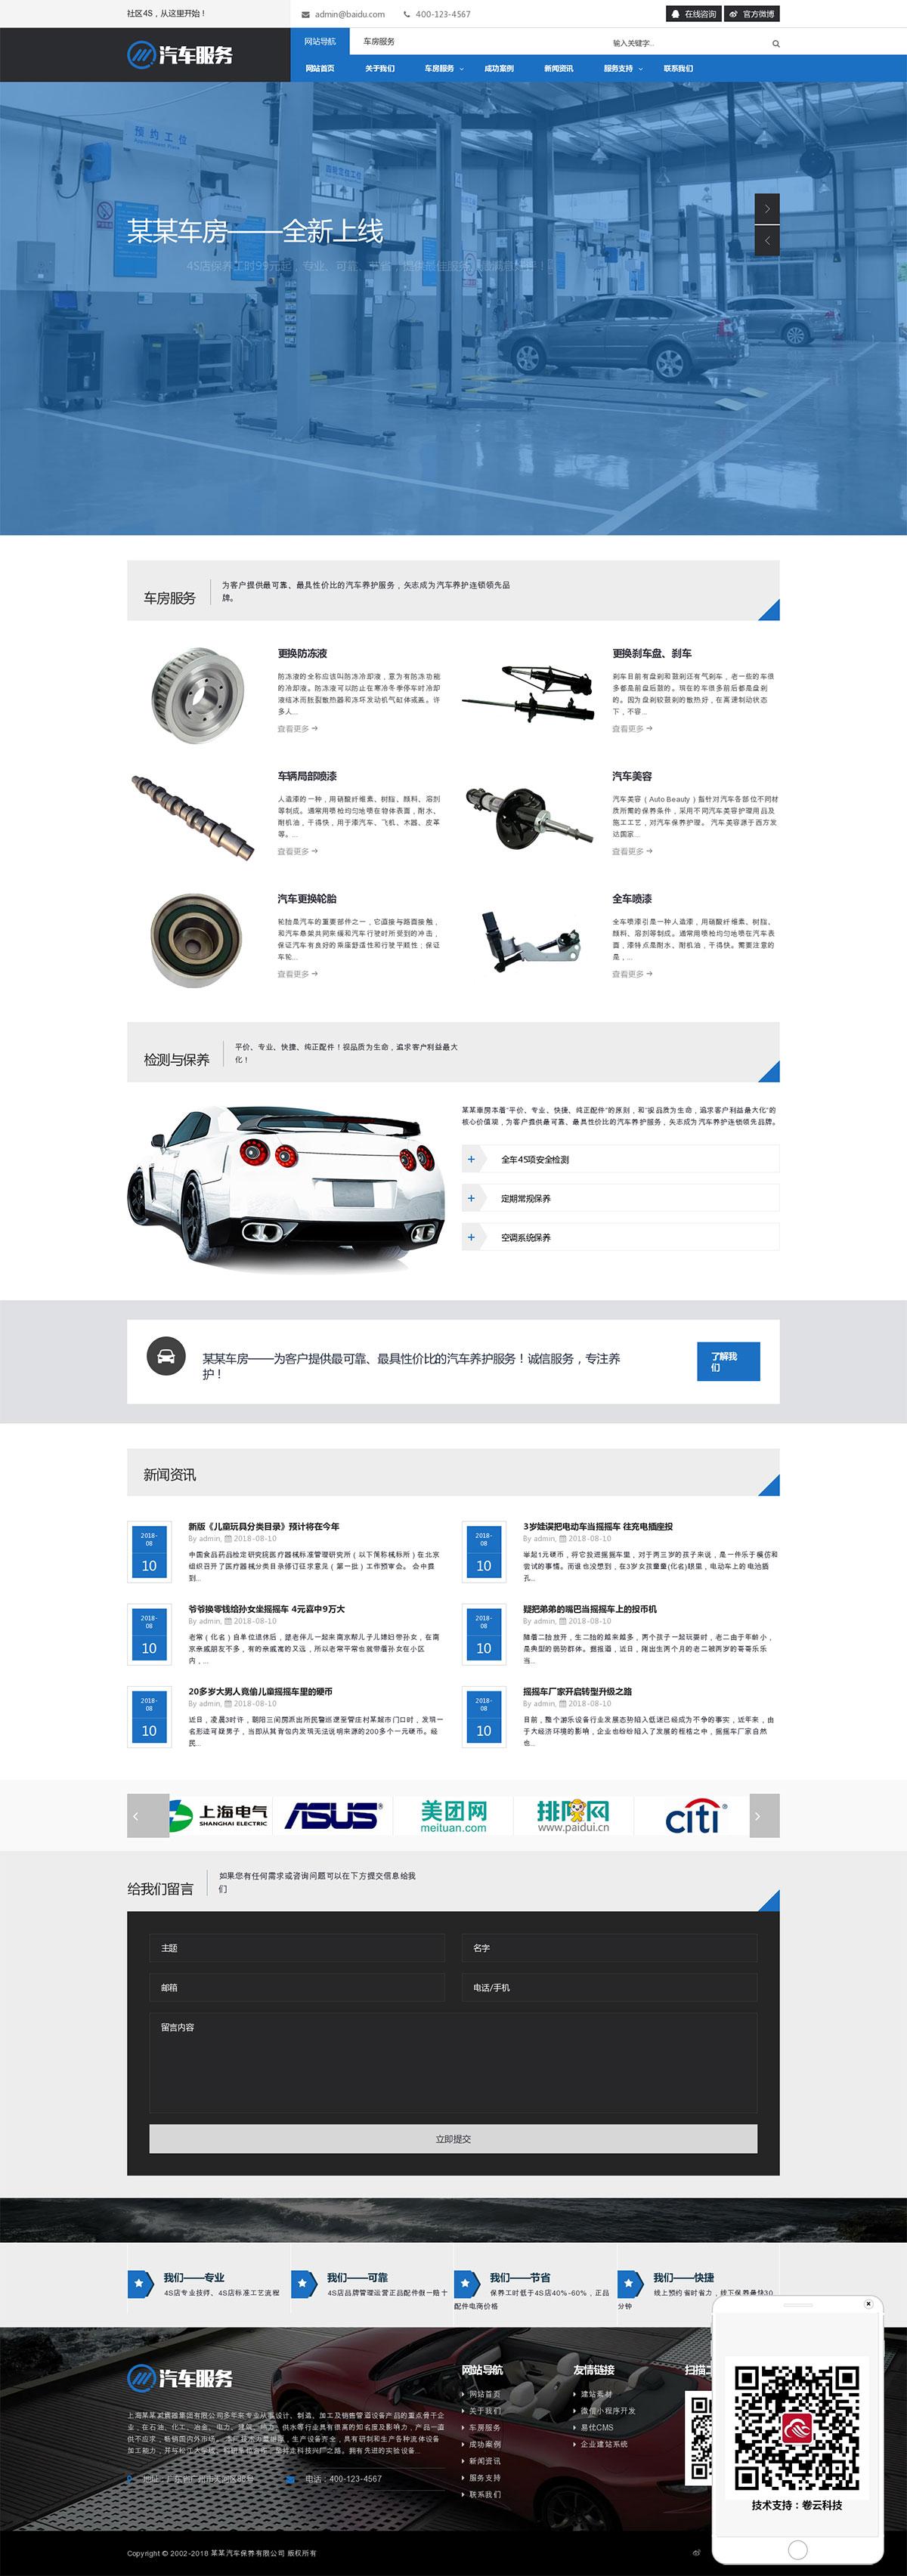 汽车服务企业网站建设案例